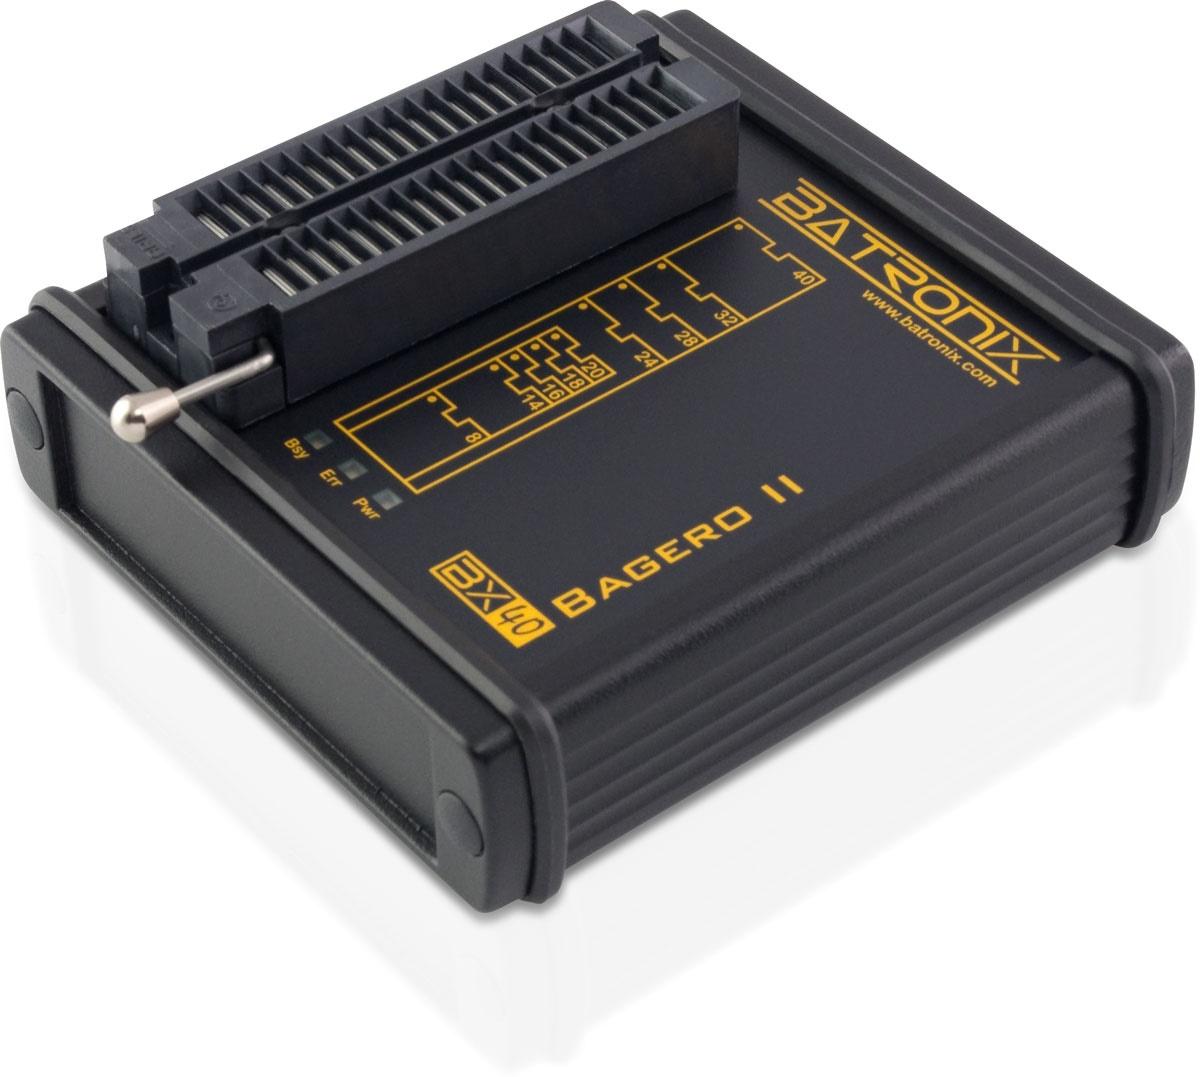 DRIVER: BATRONIX USB PROGRAMMER